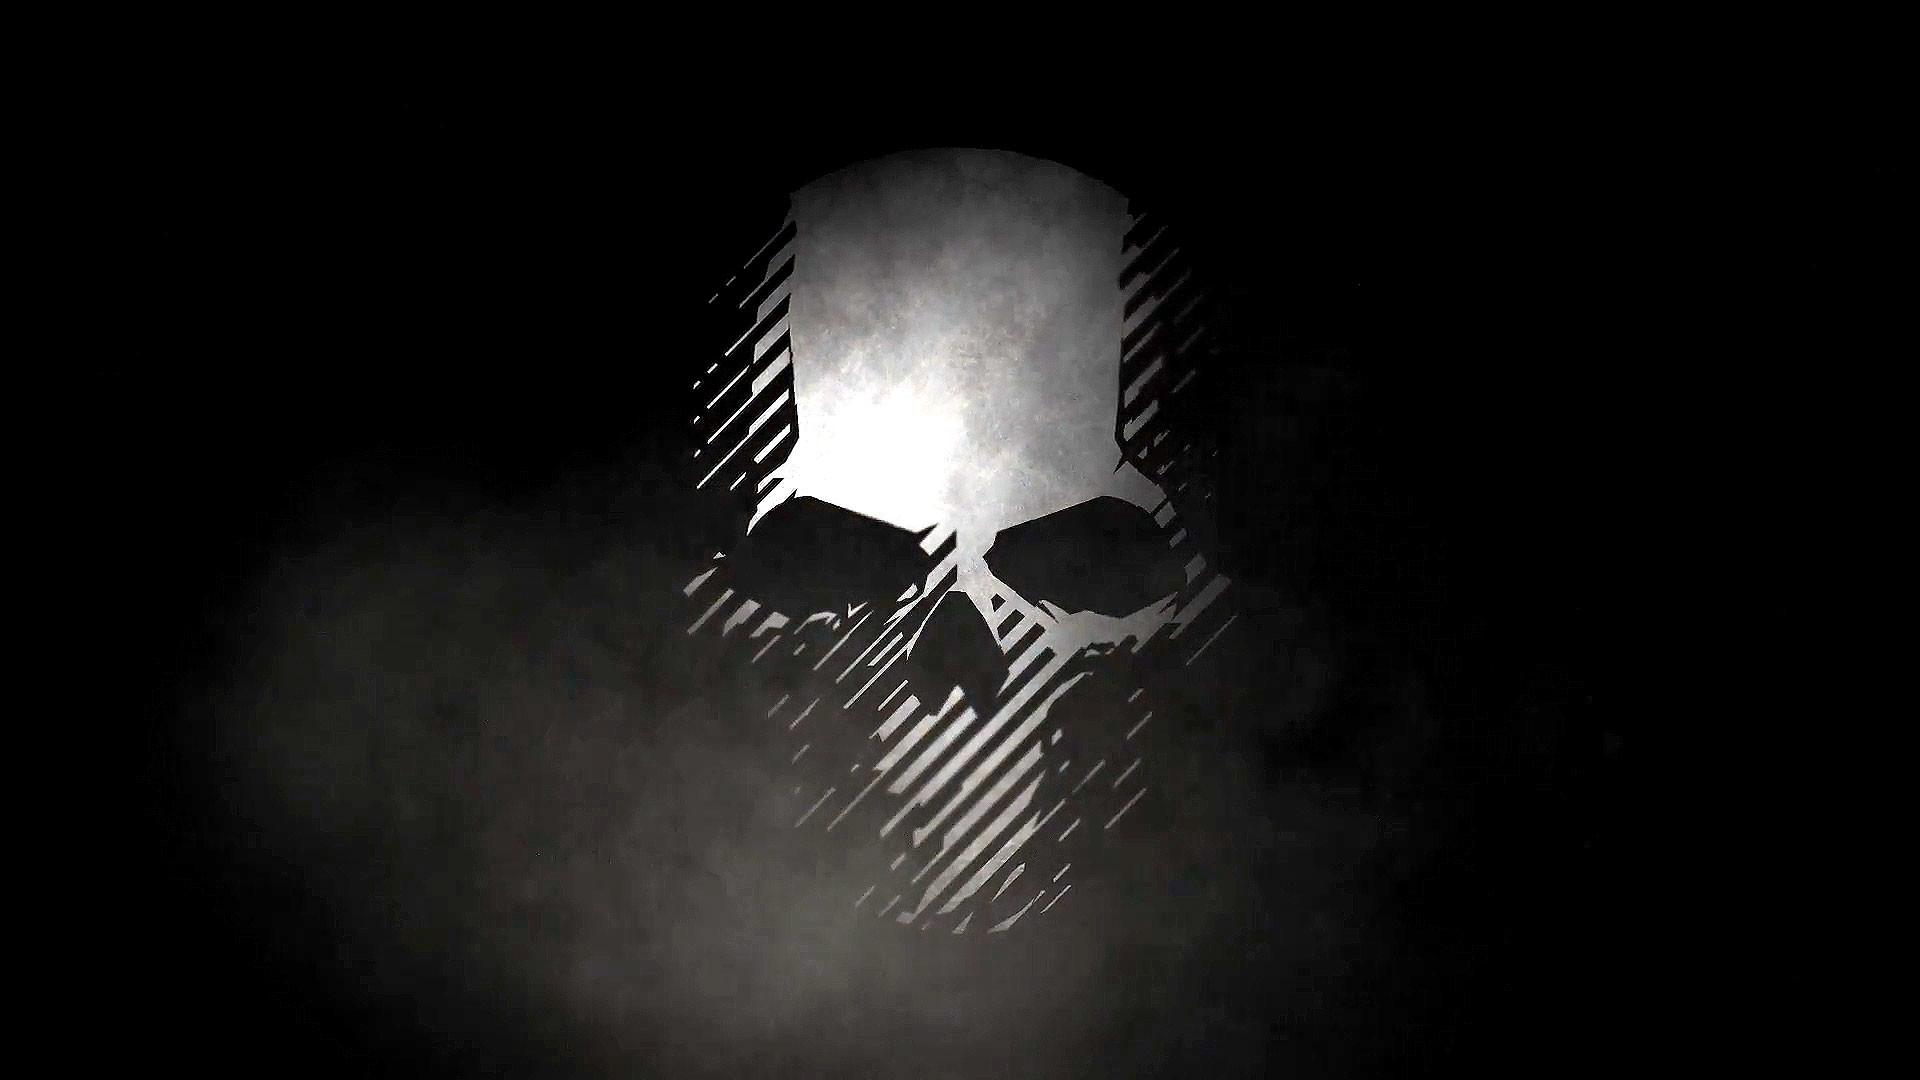 Ghost Recon Wildlands Wallpaper 1920x1080: Skull Soldier Wallpaper HD (69+ Images